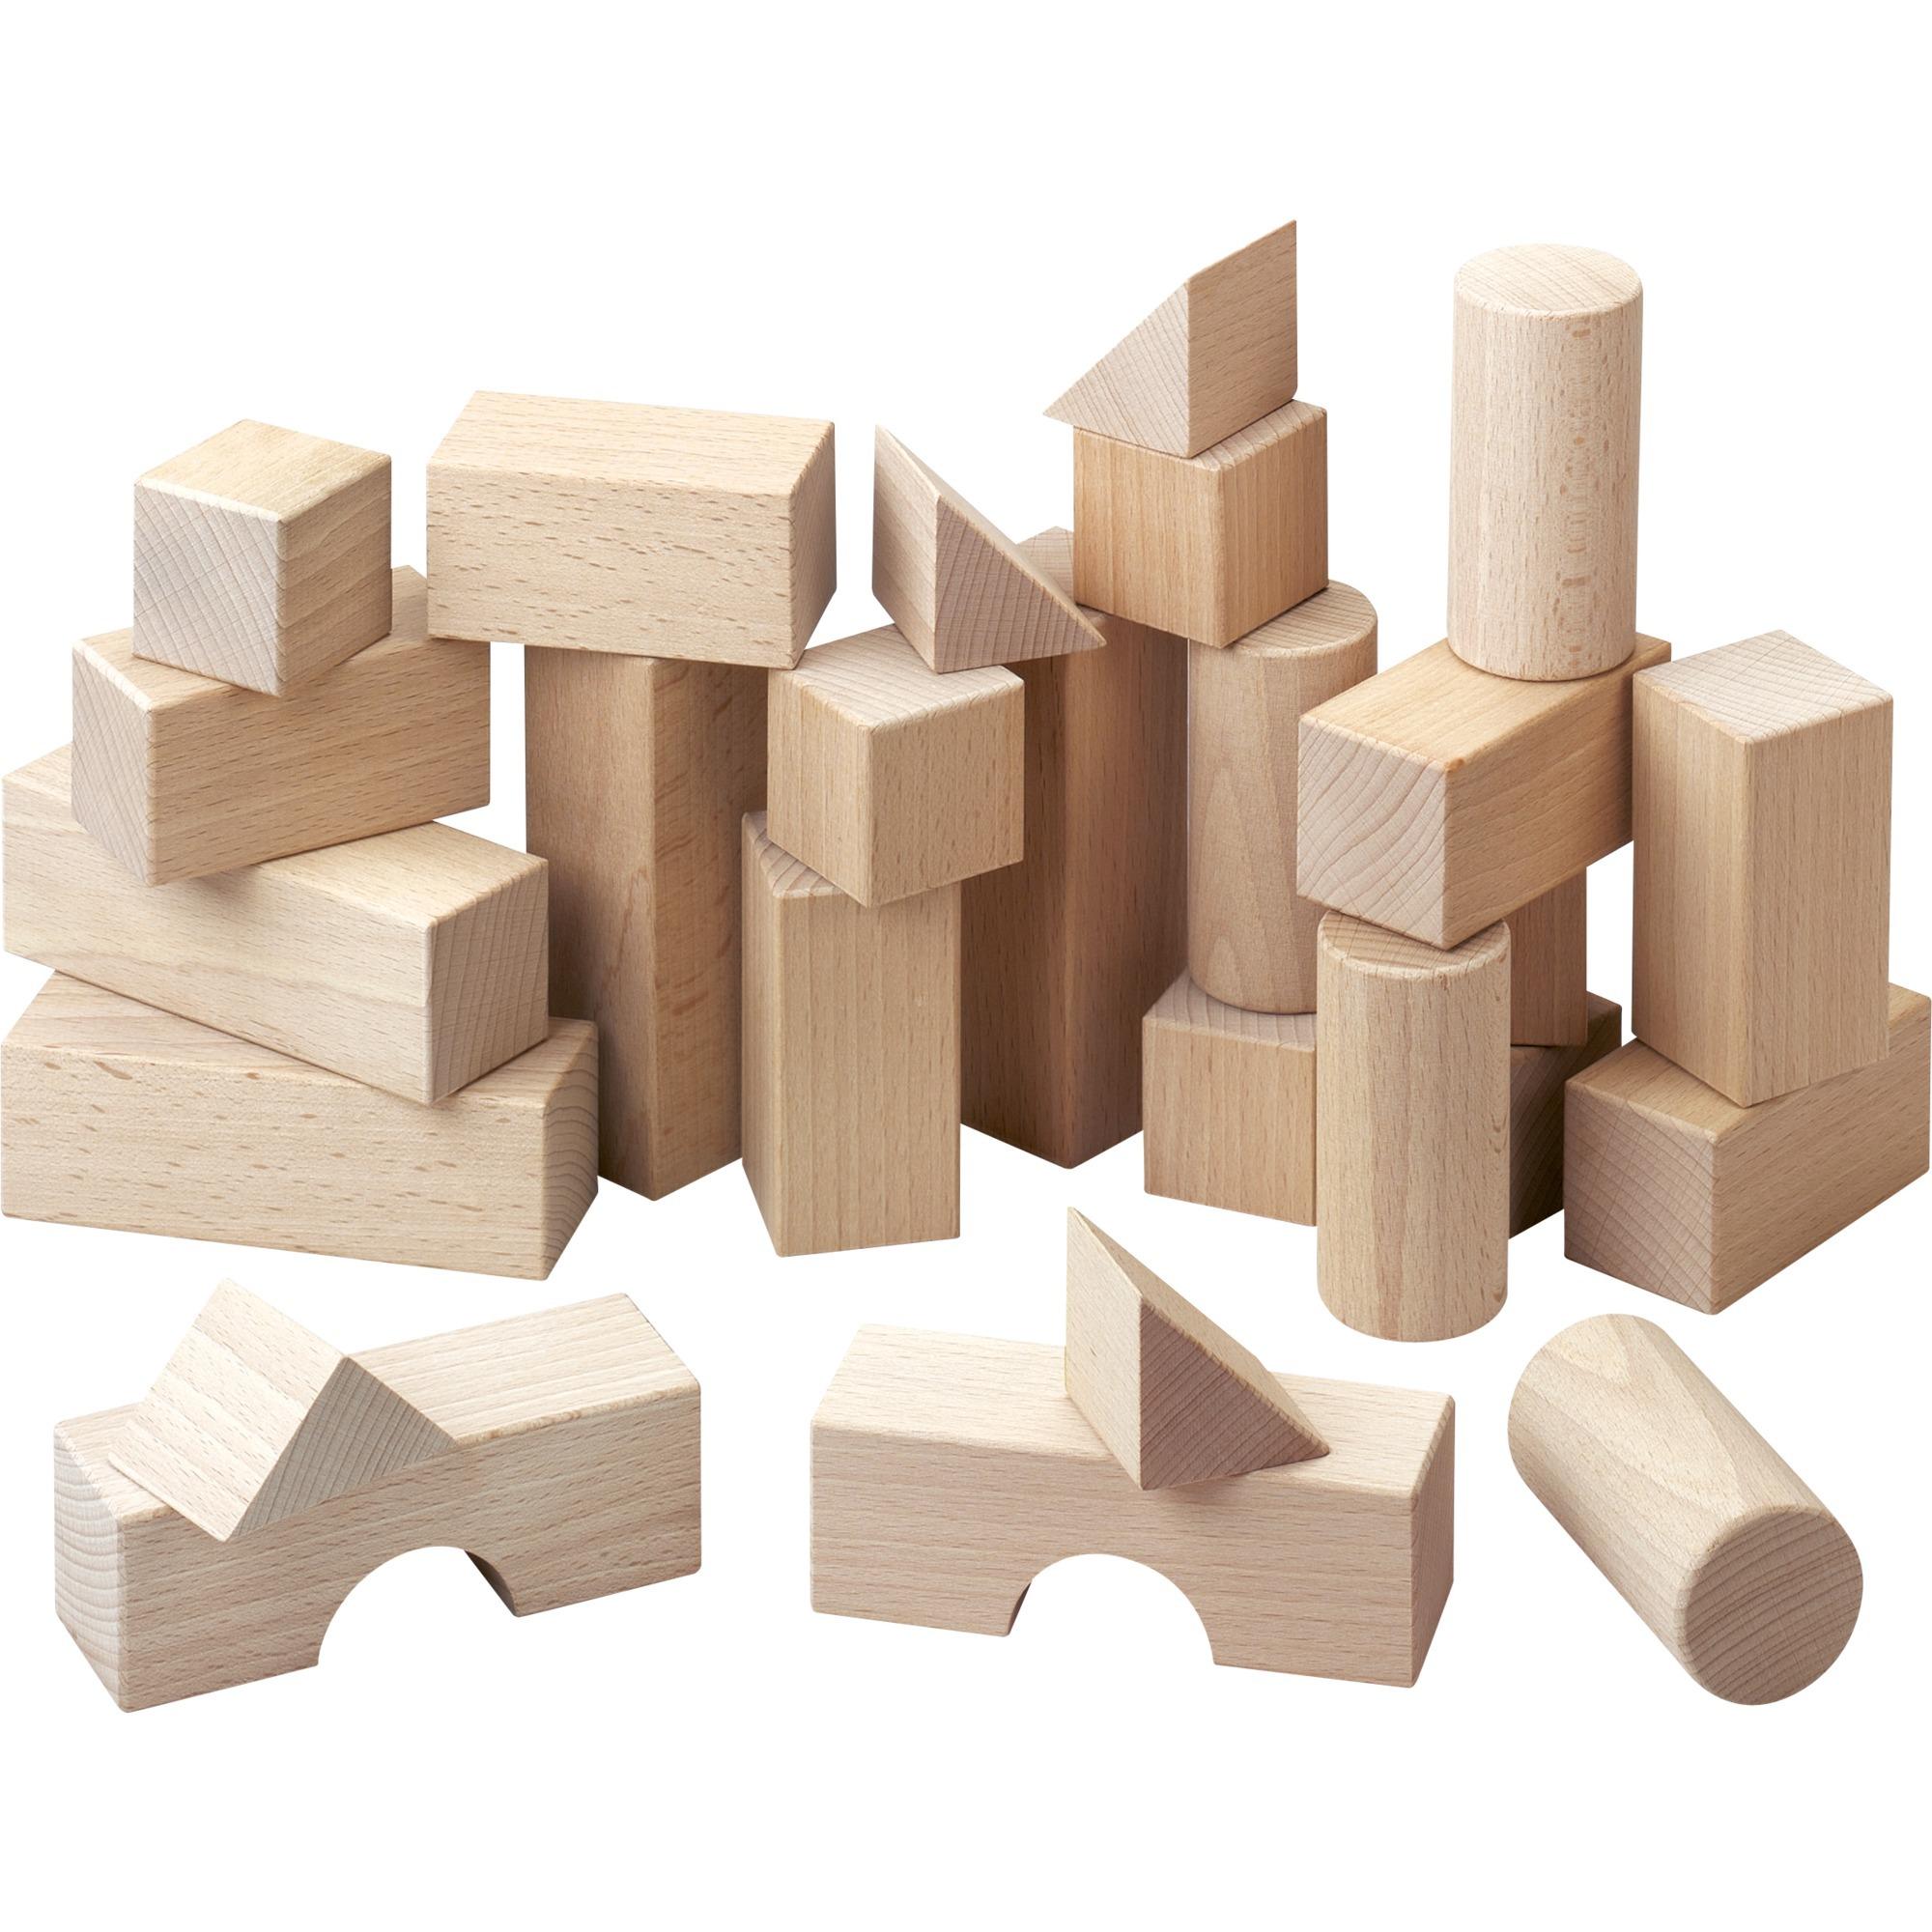 1071, Juegos de construcción